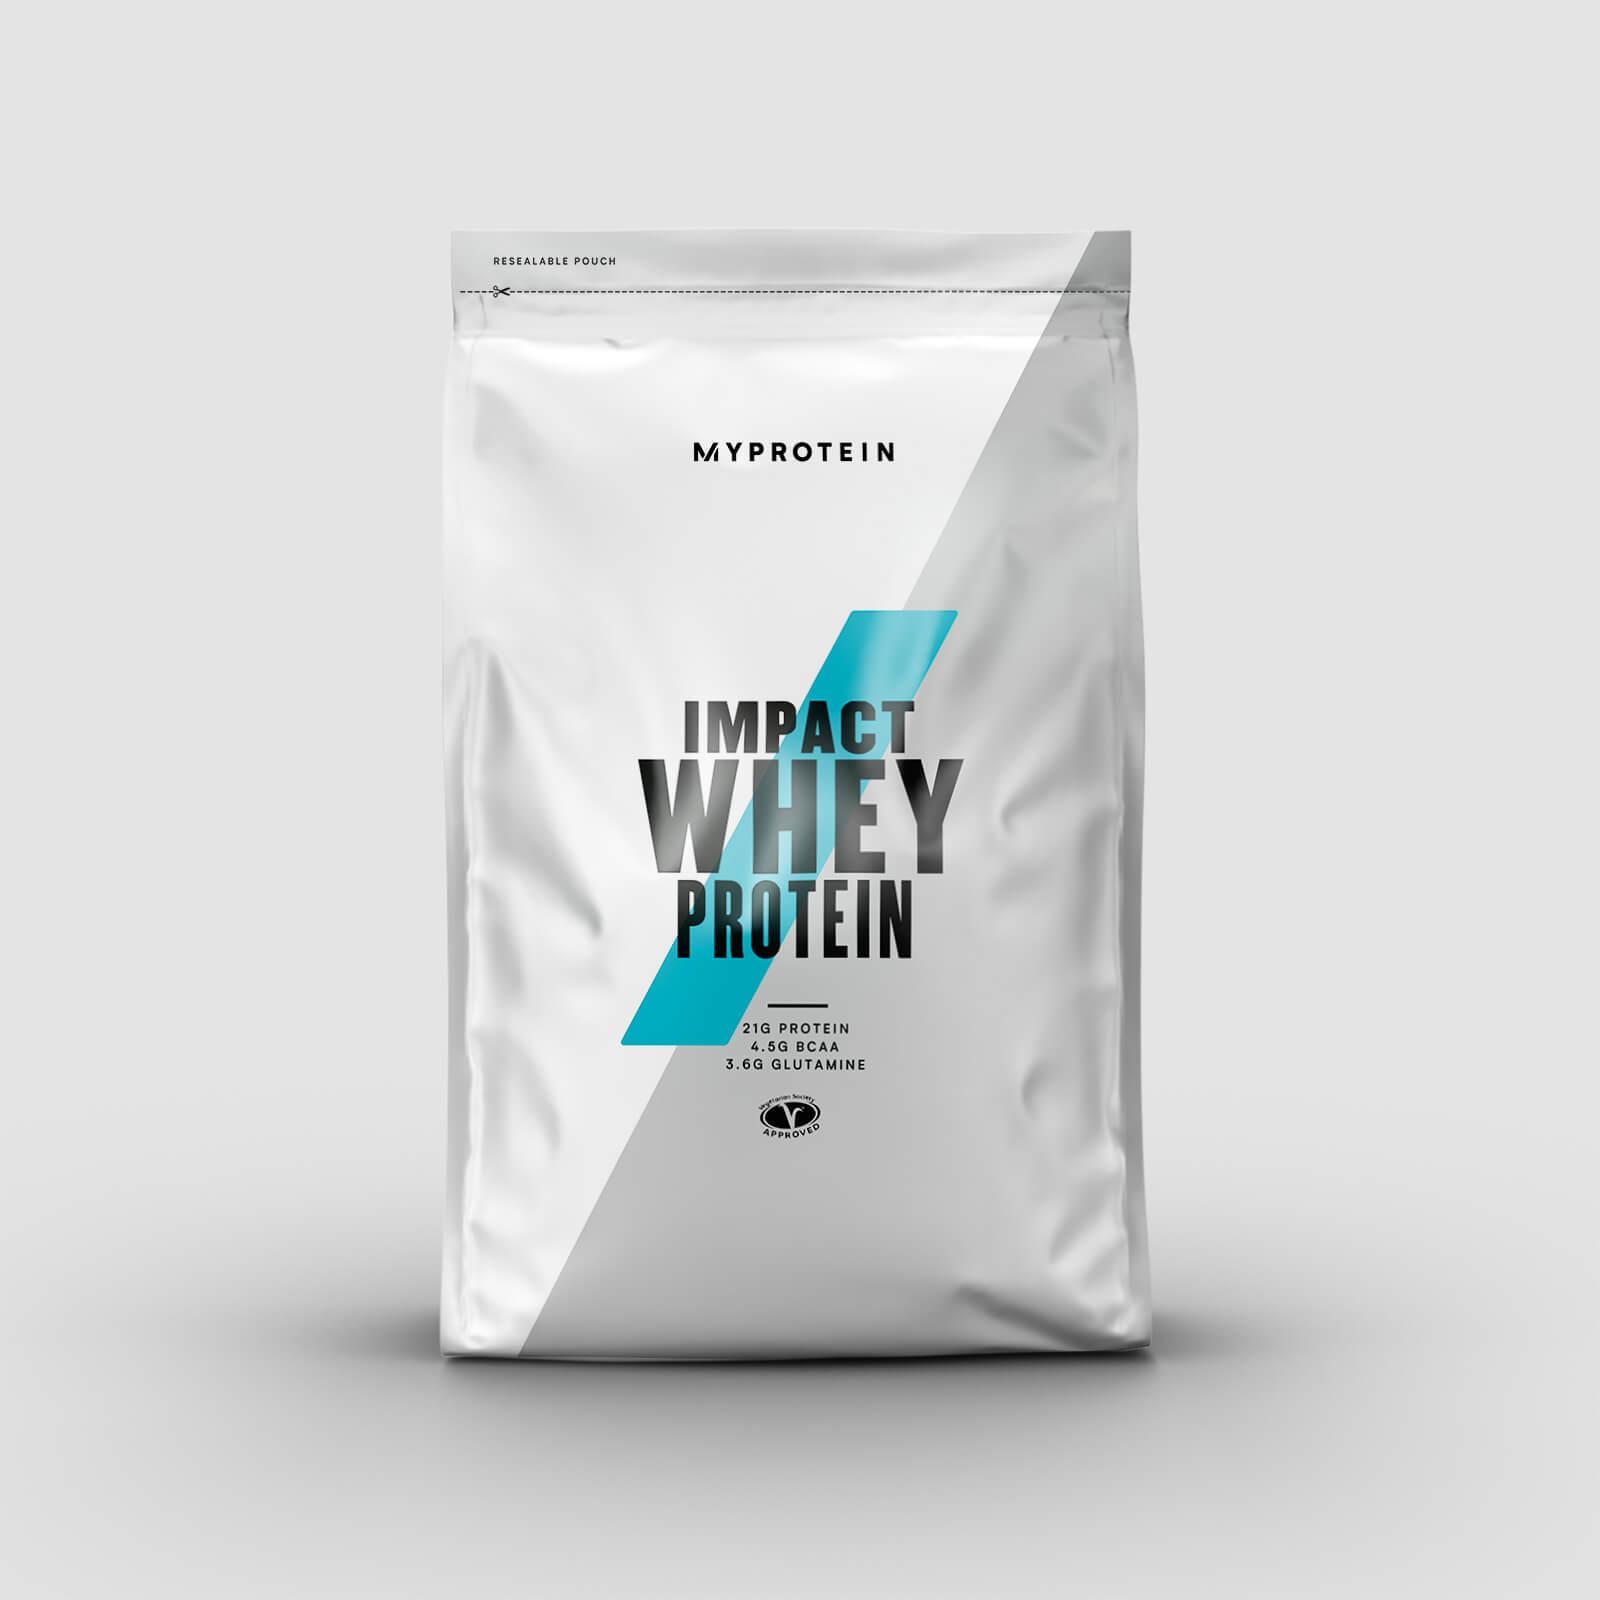 Myprotein Impact Whey Protein - 1kg - Frutti estivi